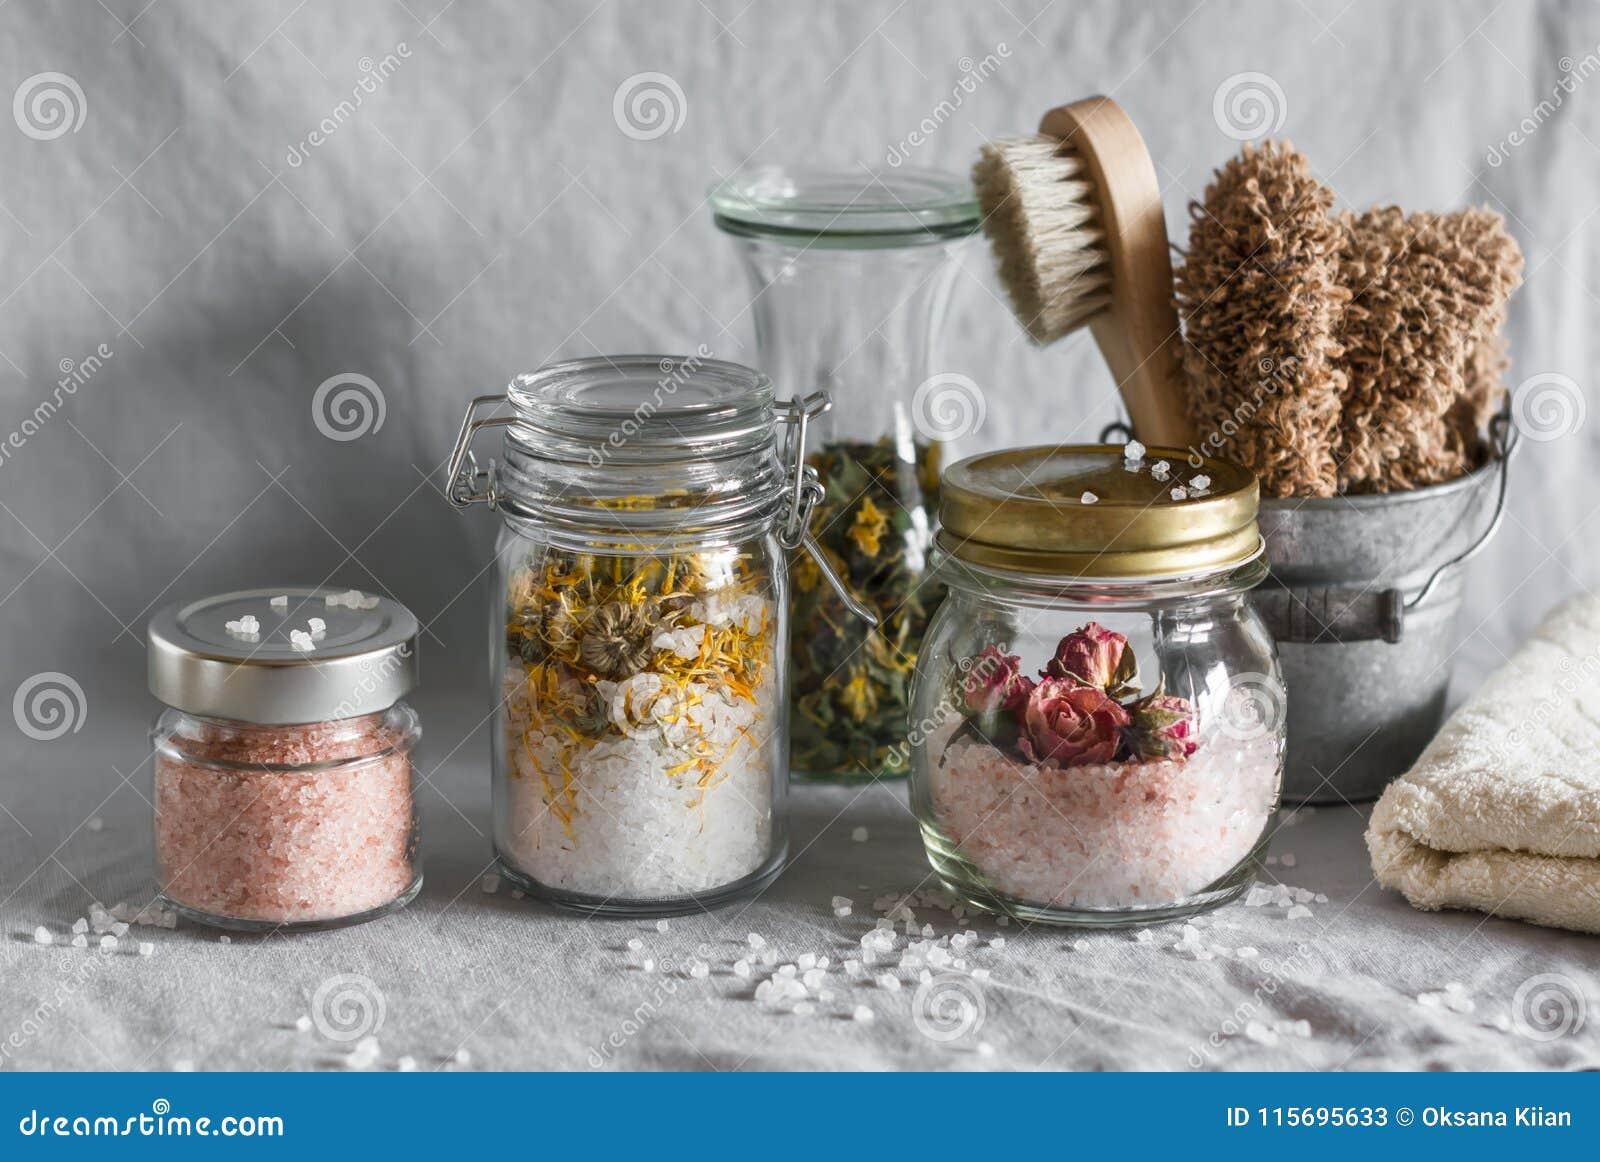 Bagno casalingo del sale marino - calendula, sale rosa della rosa e himalayano ed accessori del bagno Salute, bellezza, rigeneraz